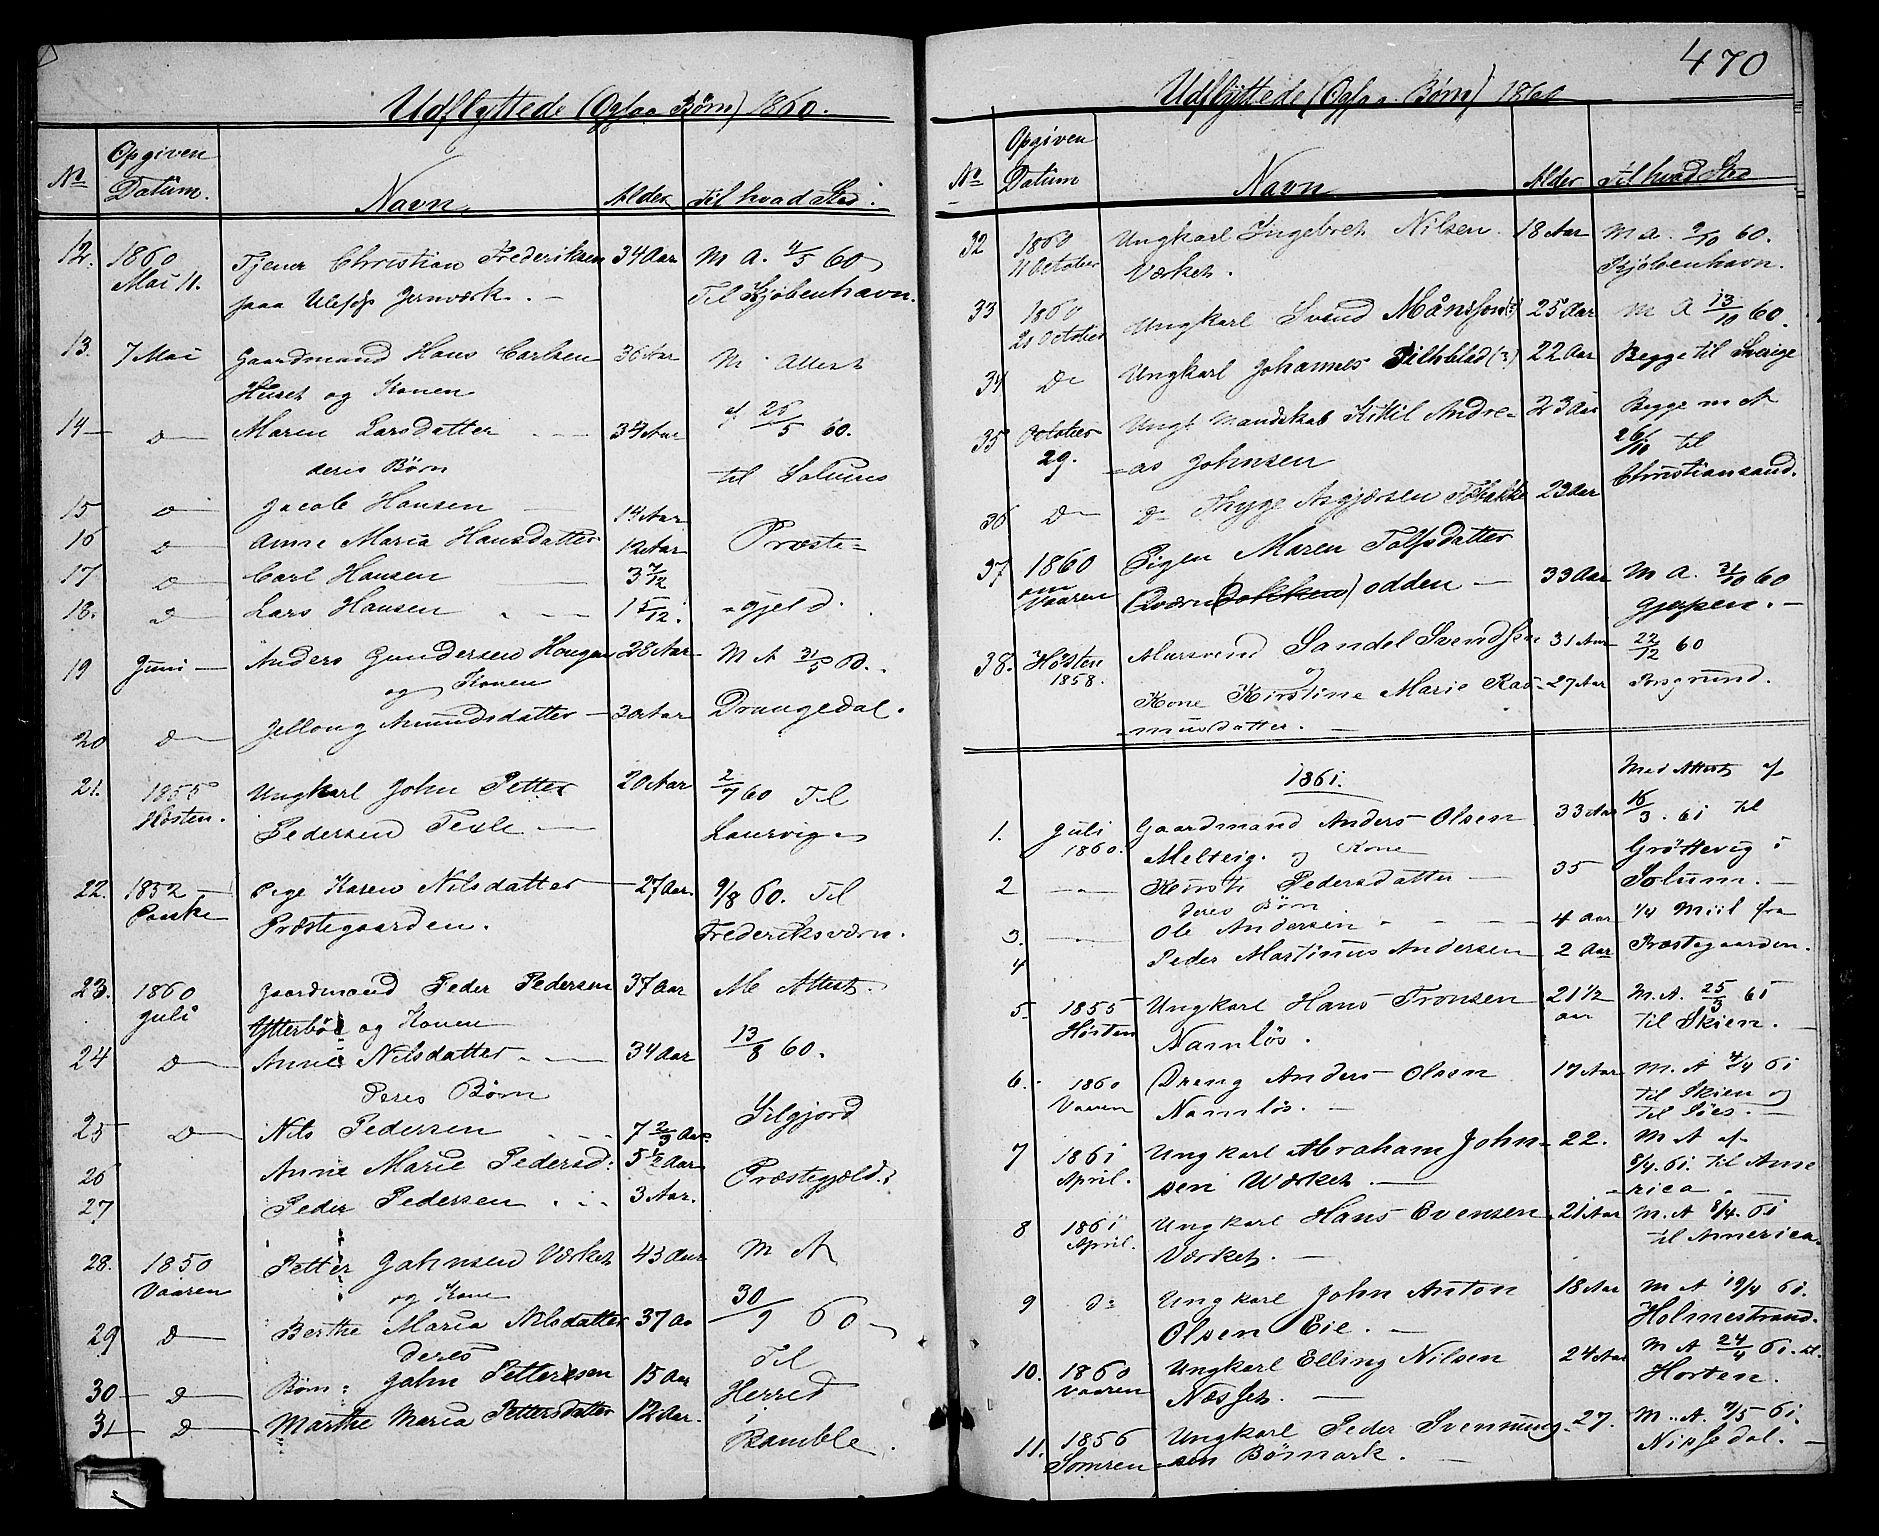 SAKO, Holla kirkebøker, G/Ga/L0003: Klokkerbok nr. I 3, 1849-1866, s. 470